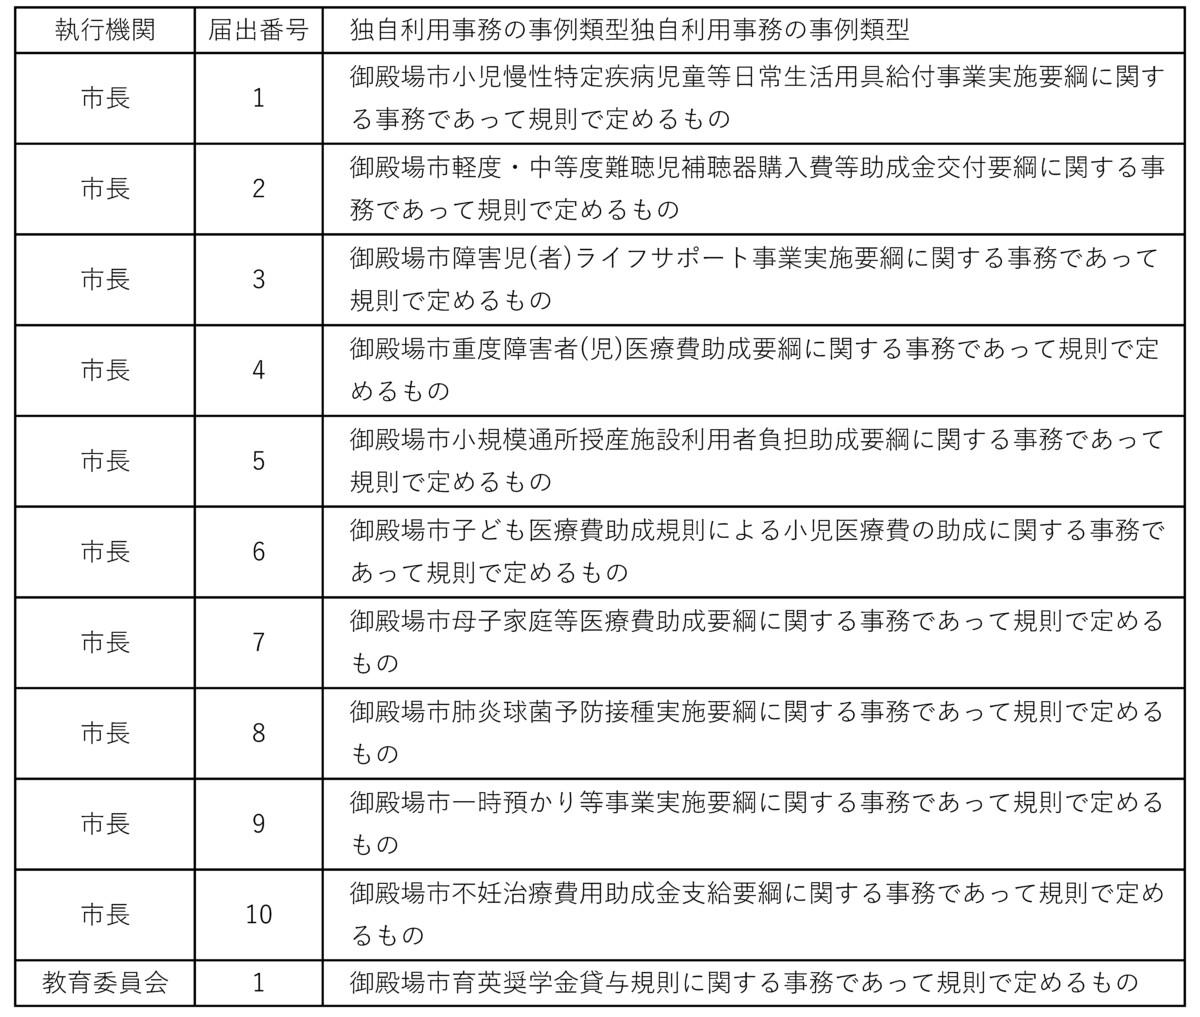 独自利用事務の情報連携に係る届出一覧